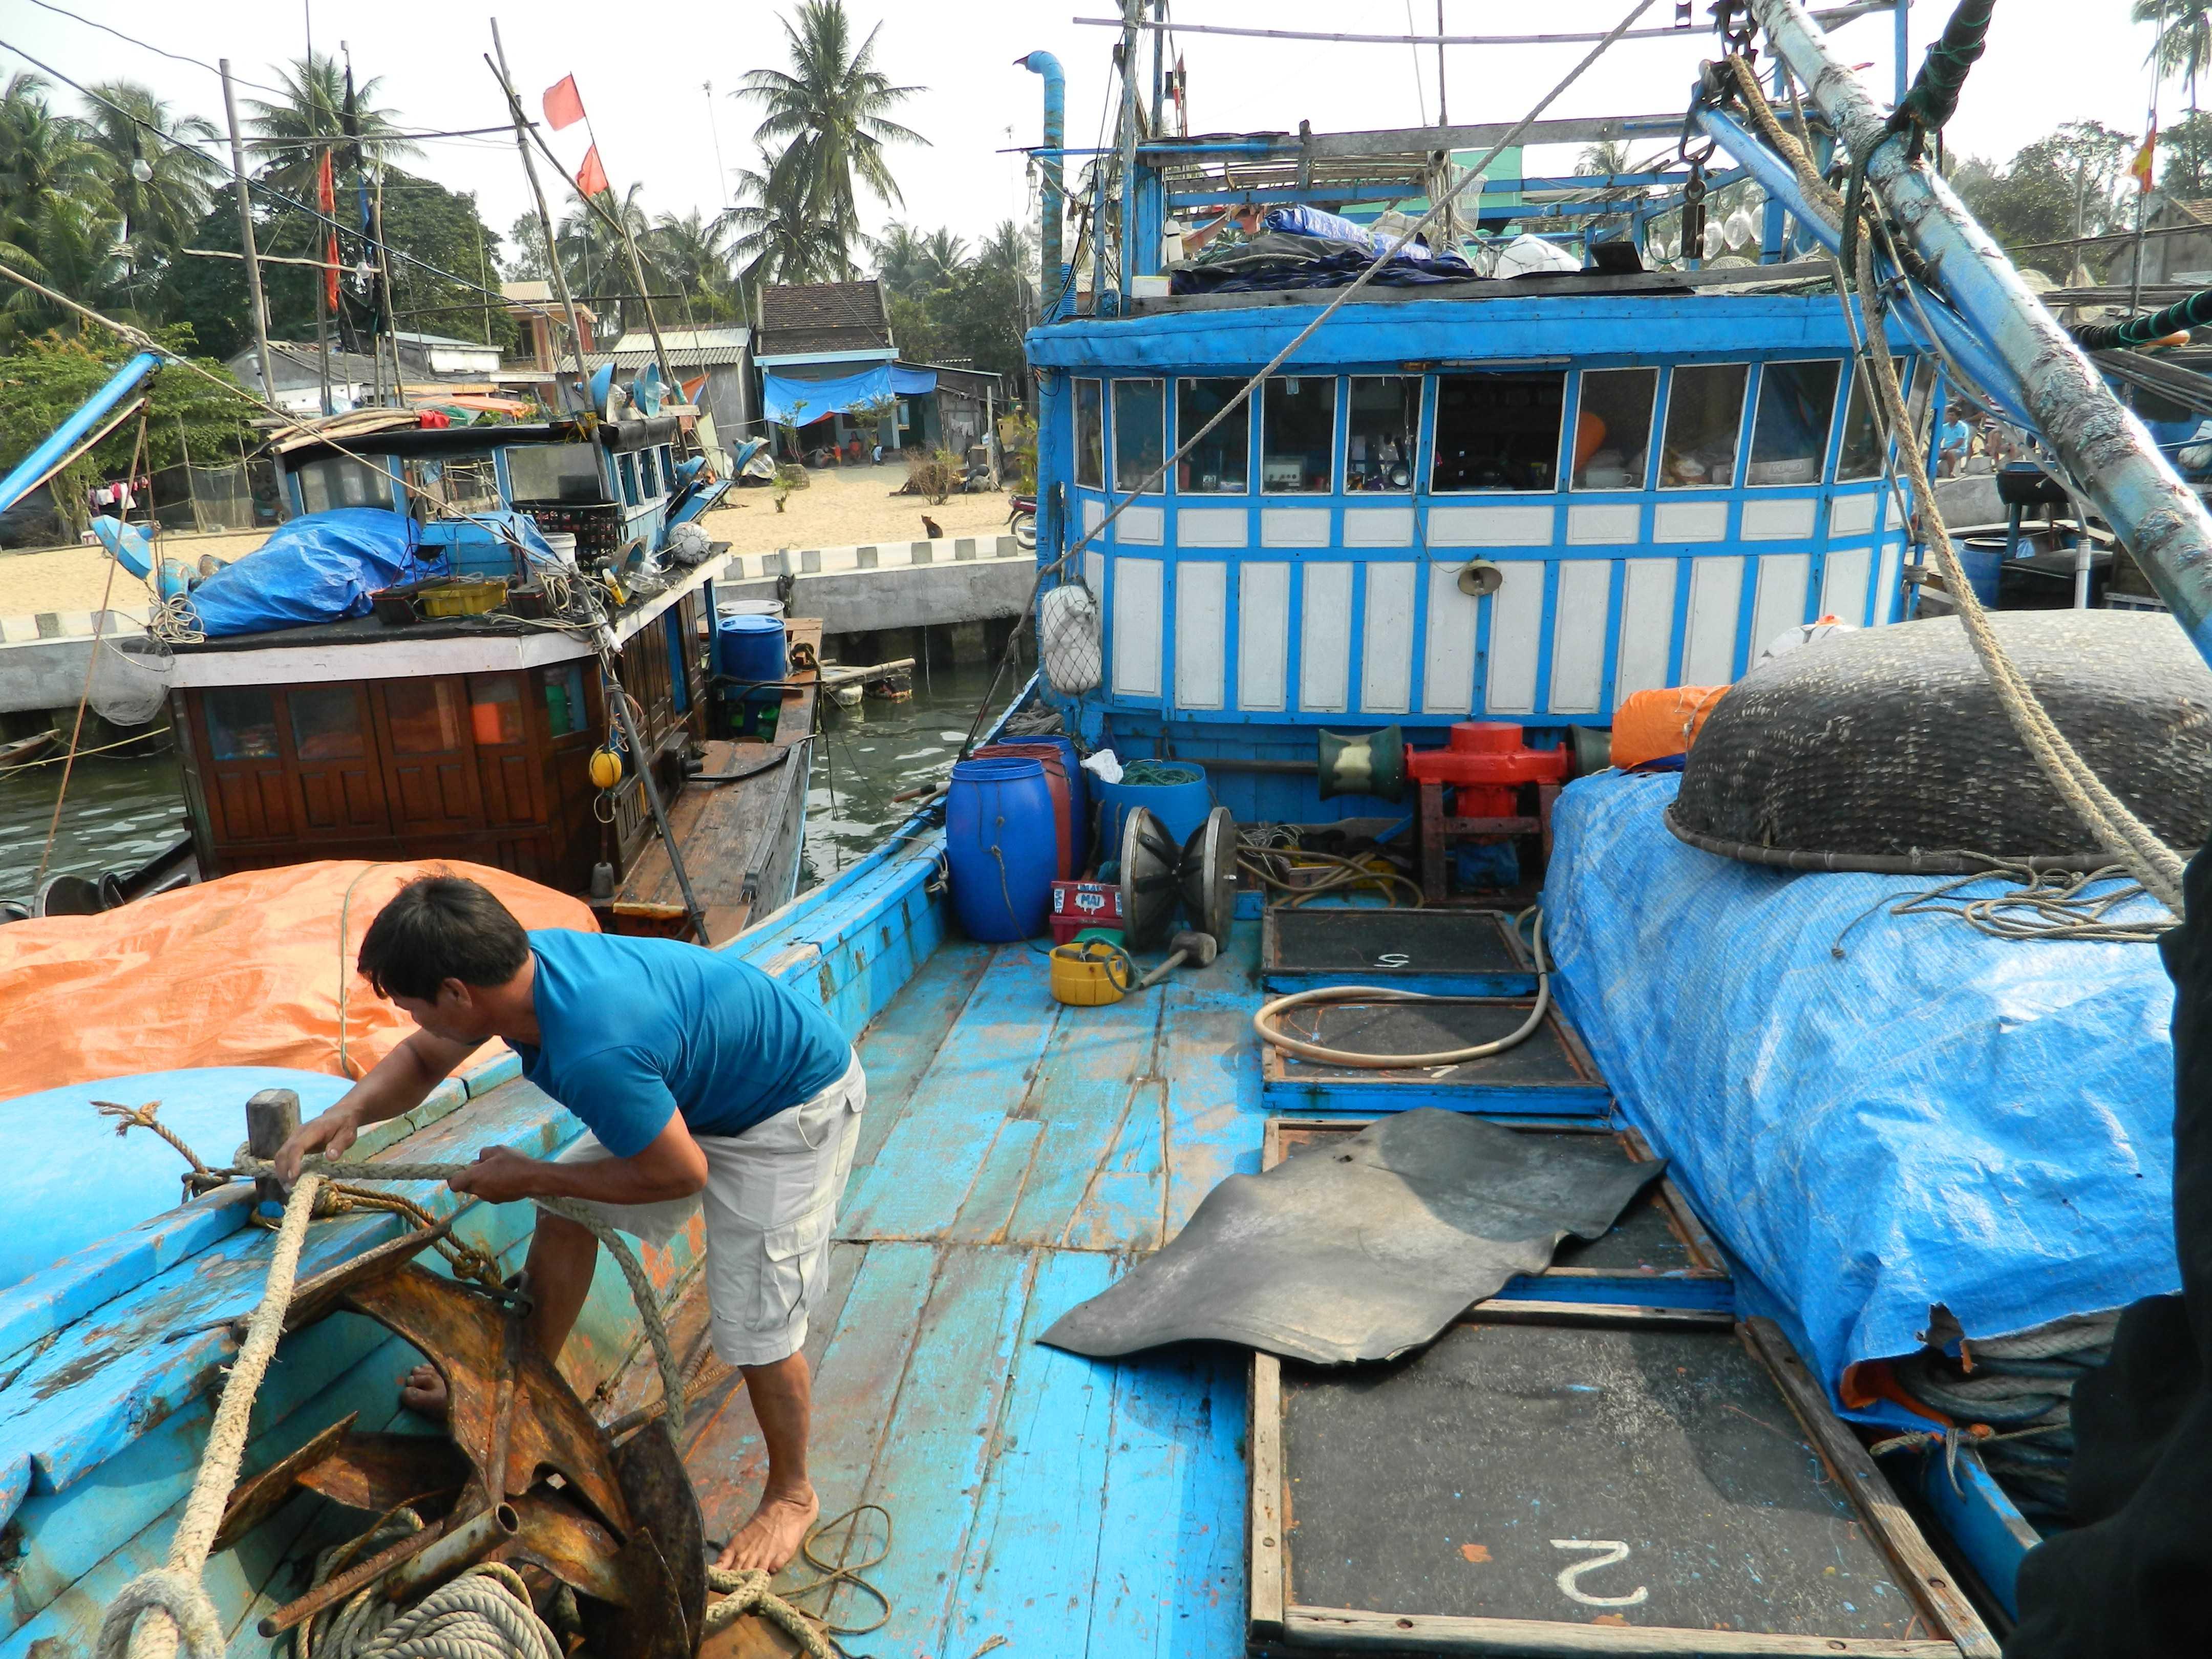 Tàu cá QNa 91865 TS đang được tiến hành sửa chữa để chuẩn bị ra khơi.